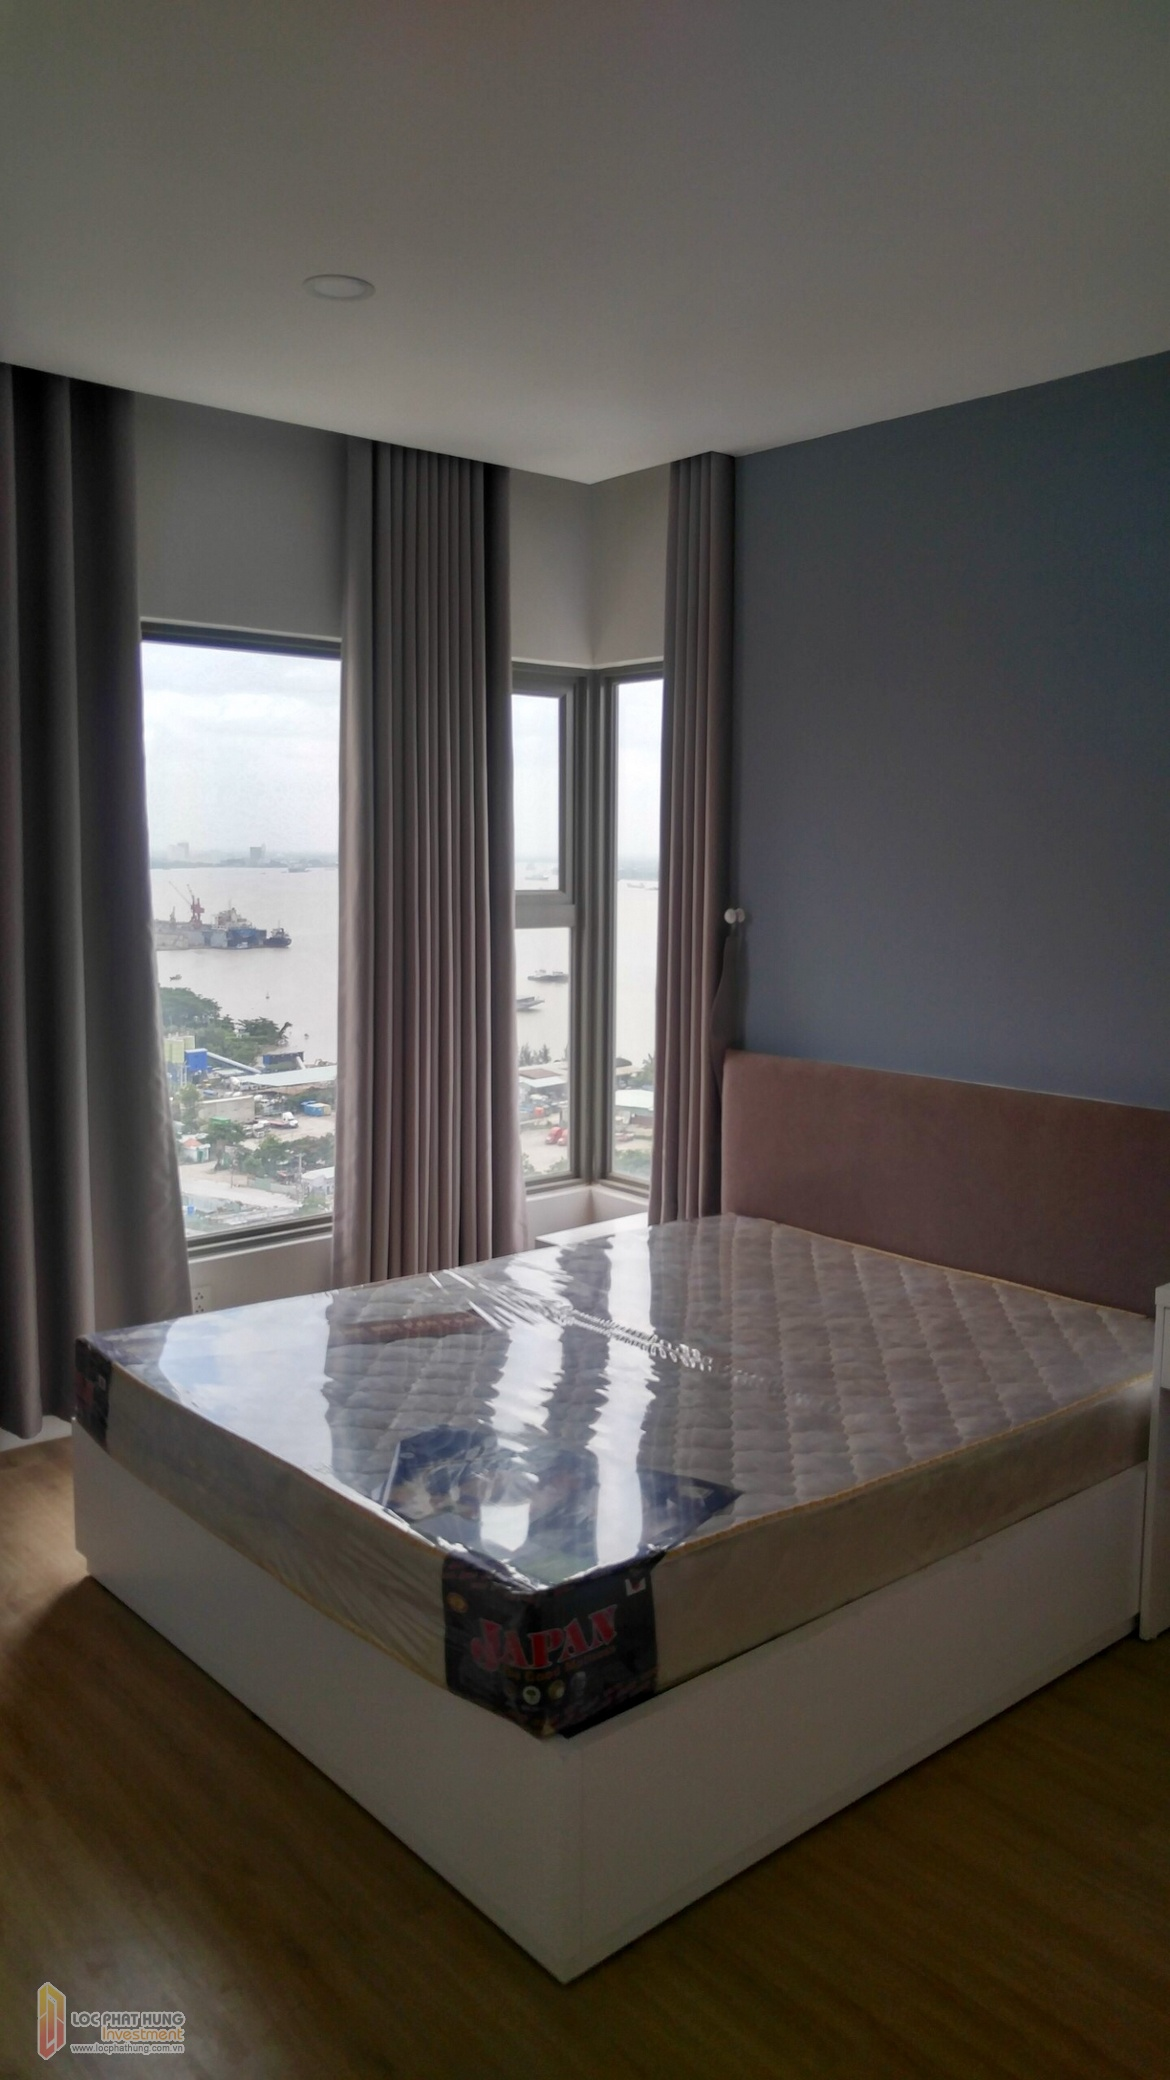 Cho thuê căn hộ chung cư An Gia Skyline !07 m2 Full nội thất